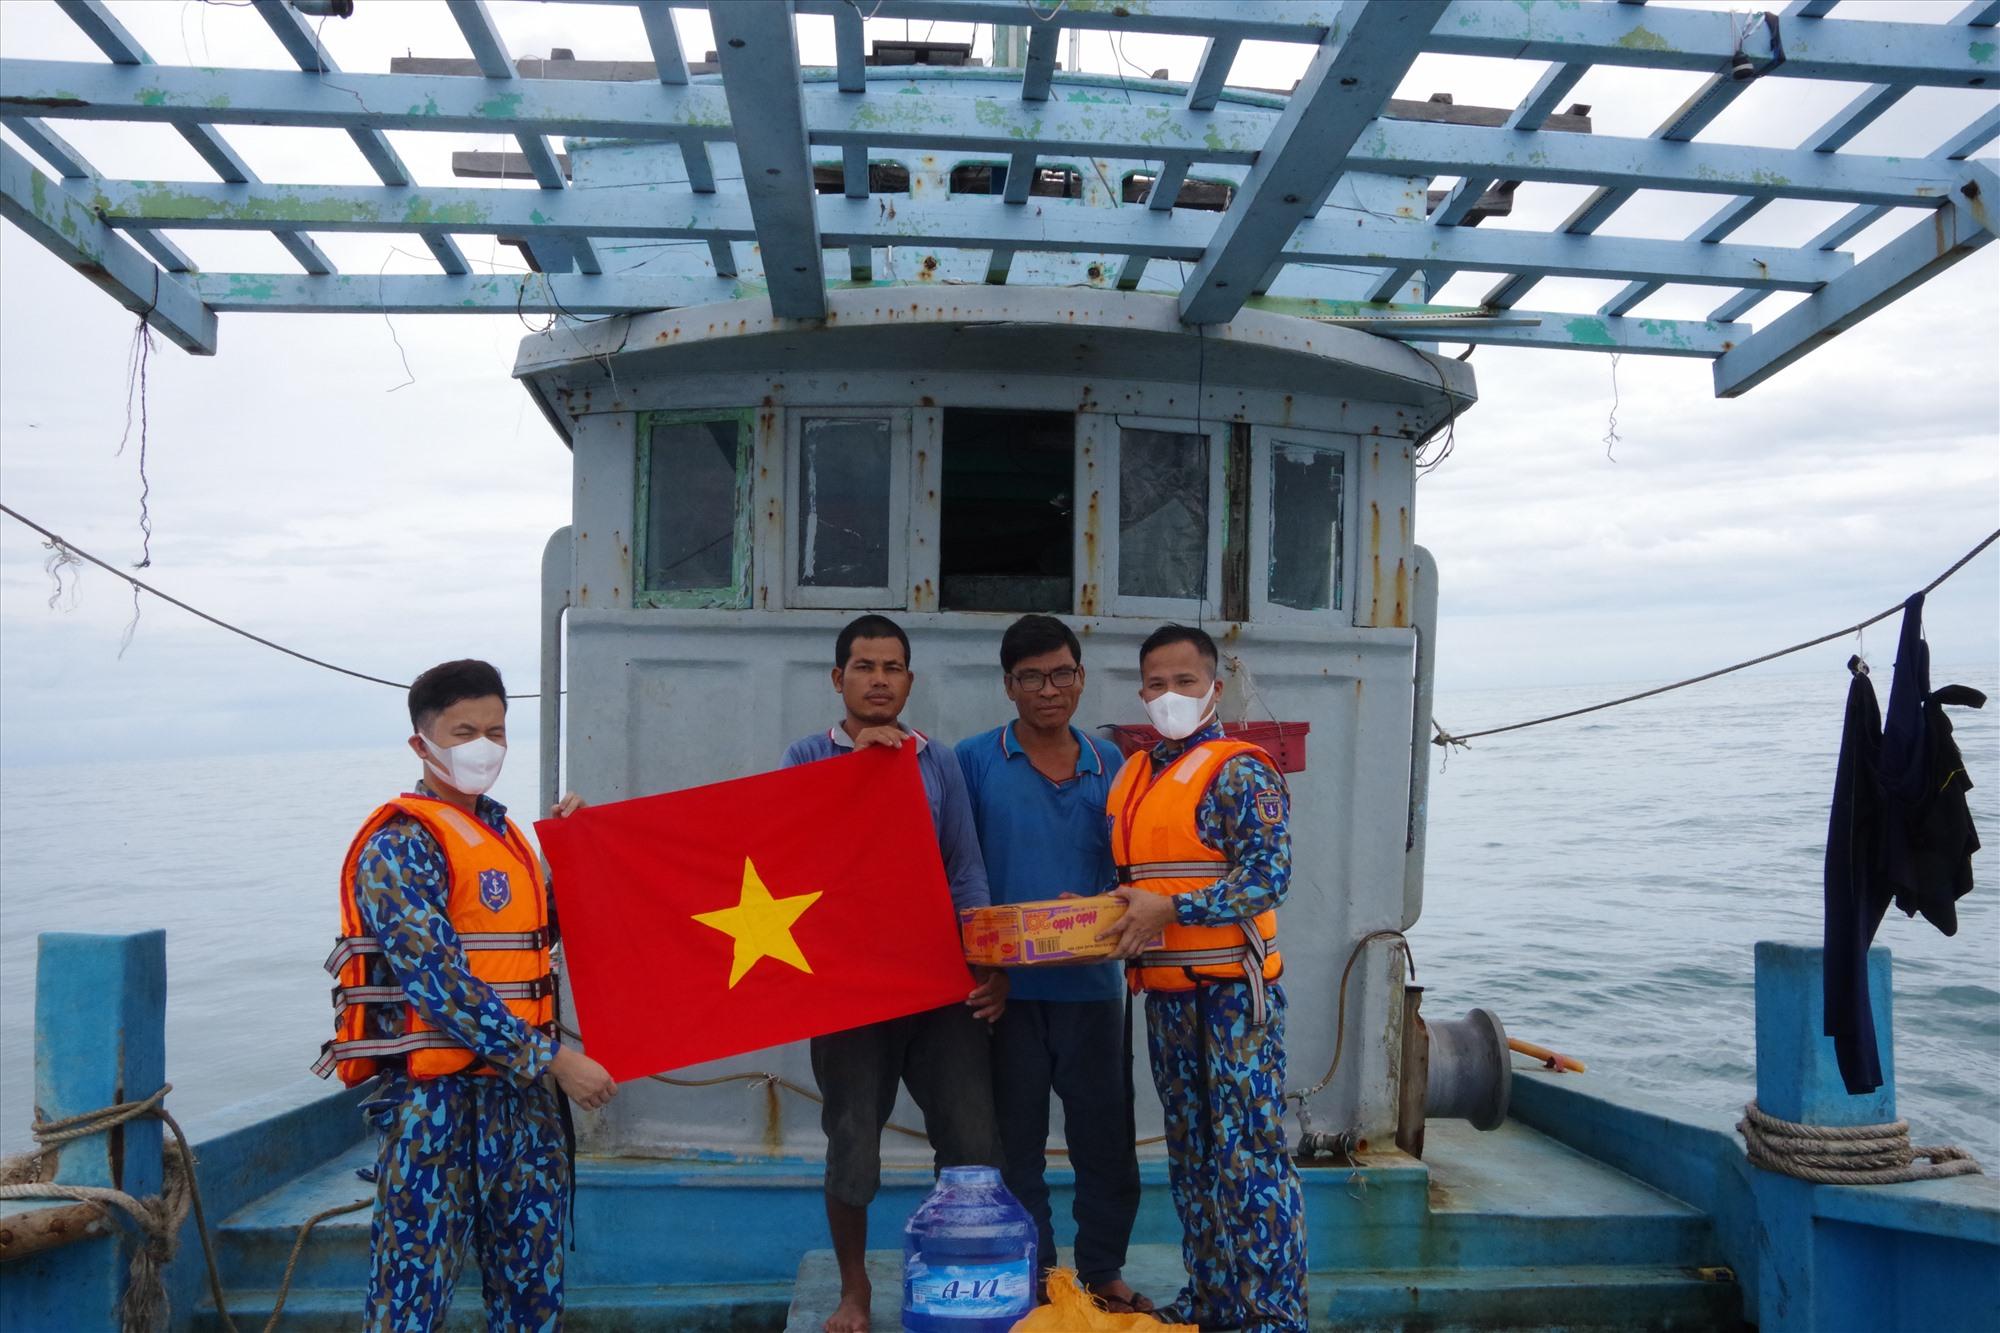 Tặng cờ Tổ quốc, thực phẩm cho ngư dân hoạt động trên vùng biển chủ quyền. Ảnh: T.C